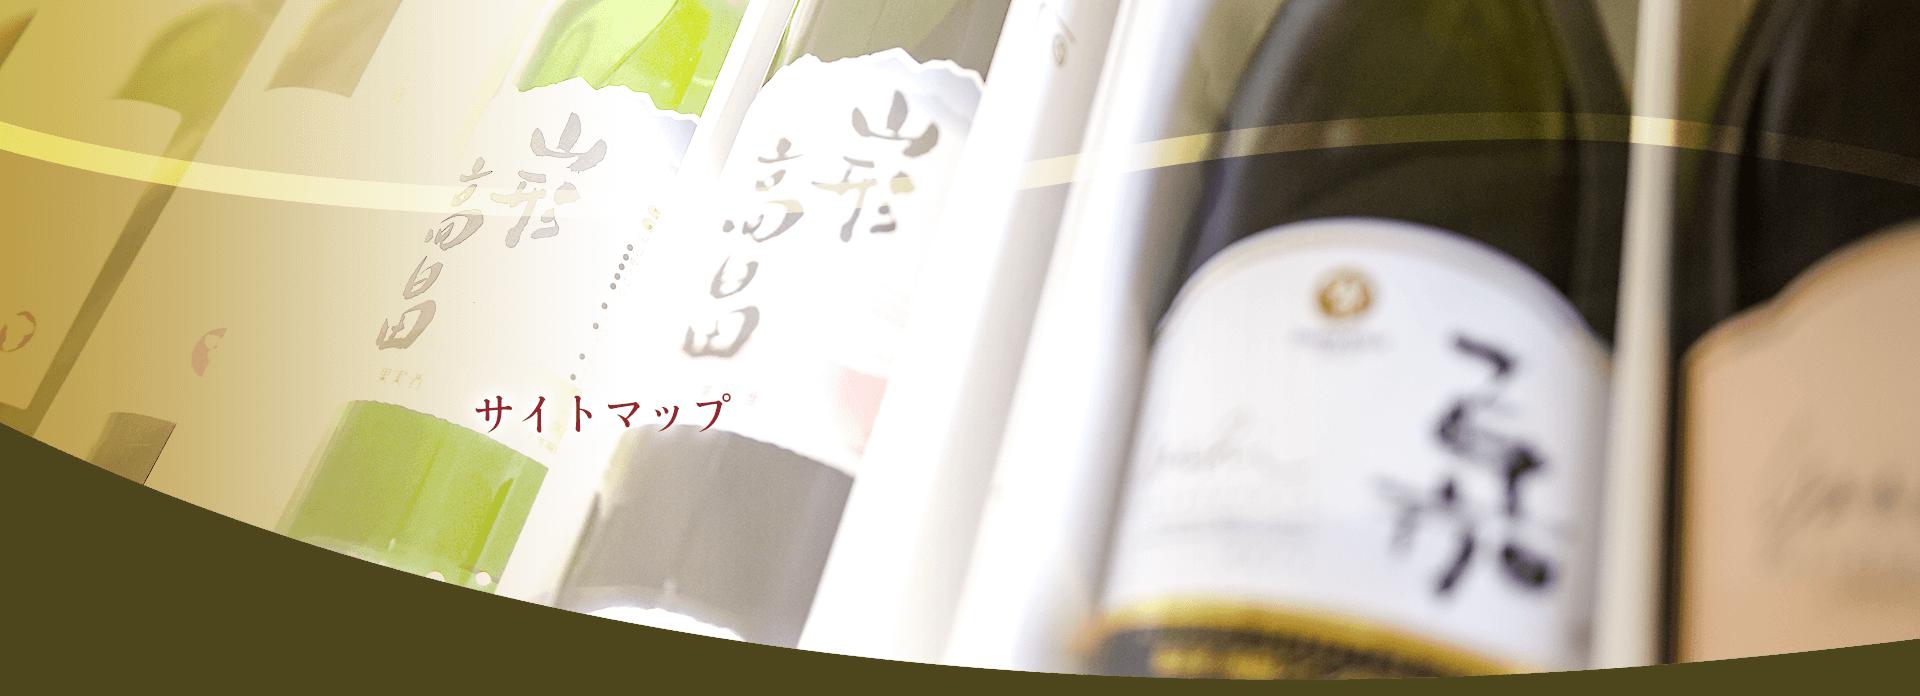 サイトマップ|お酒のギフトや配達なら天童市「さのや」